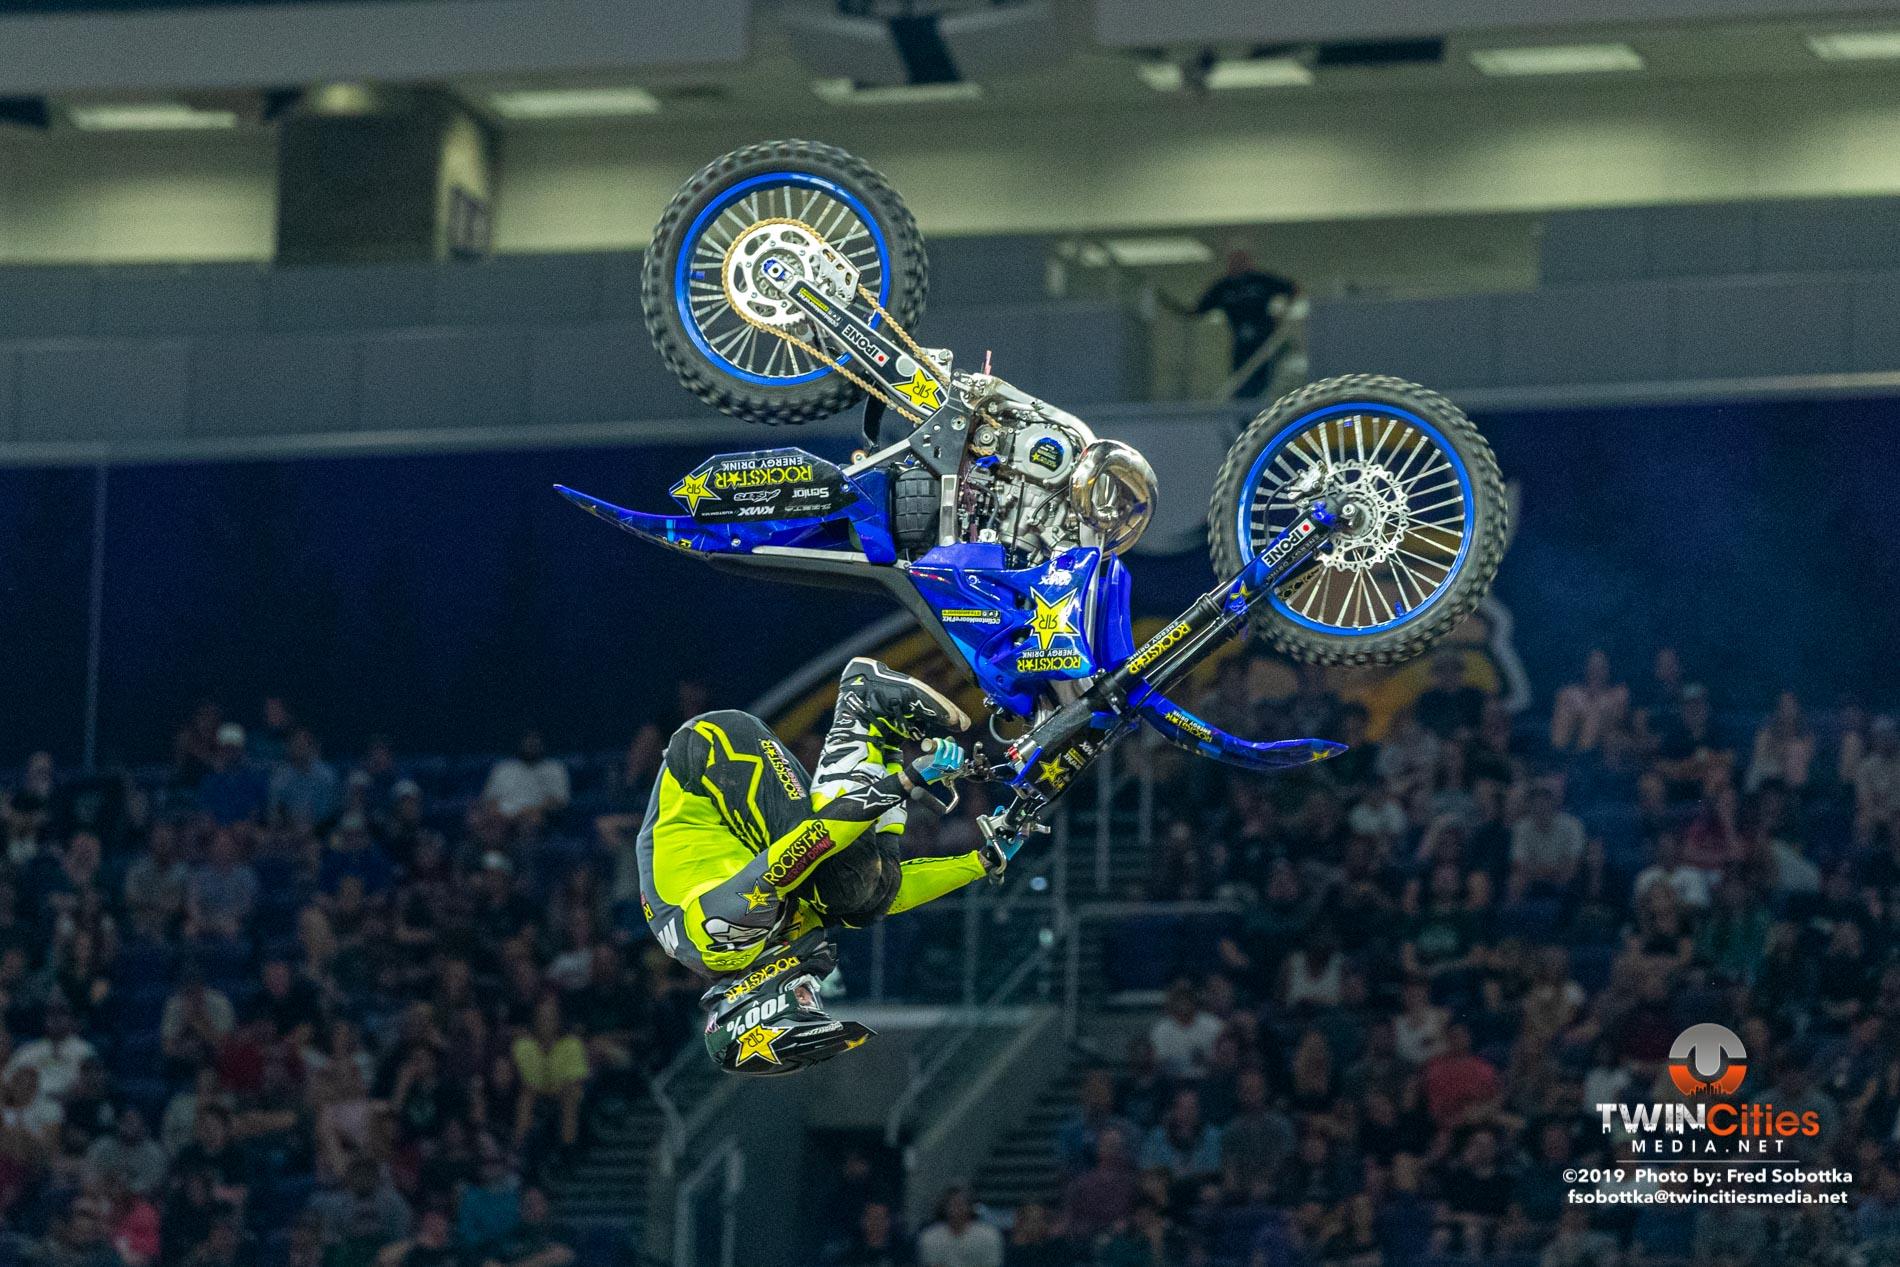 Moto-X-Freestyle-07